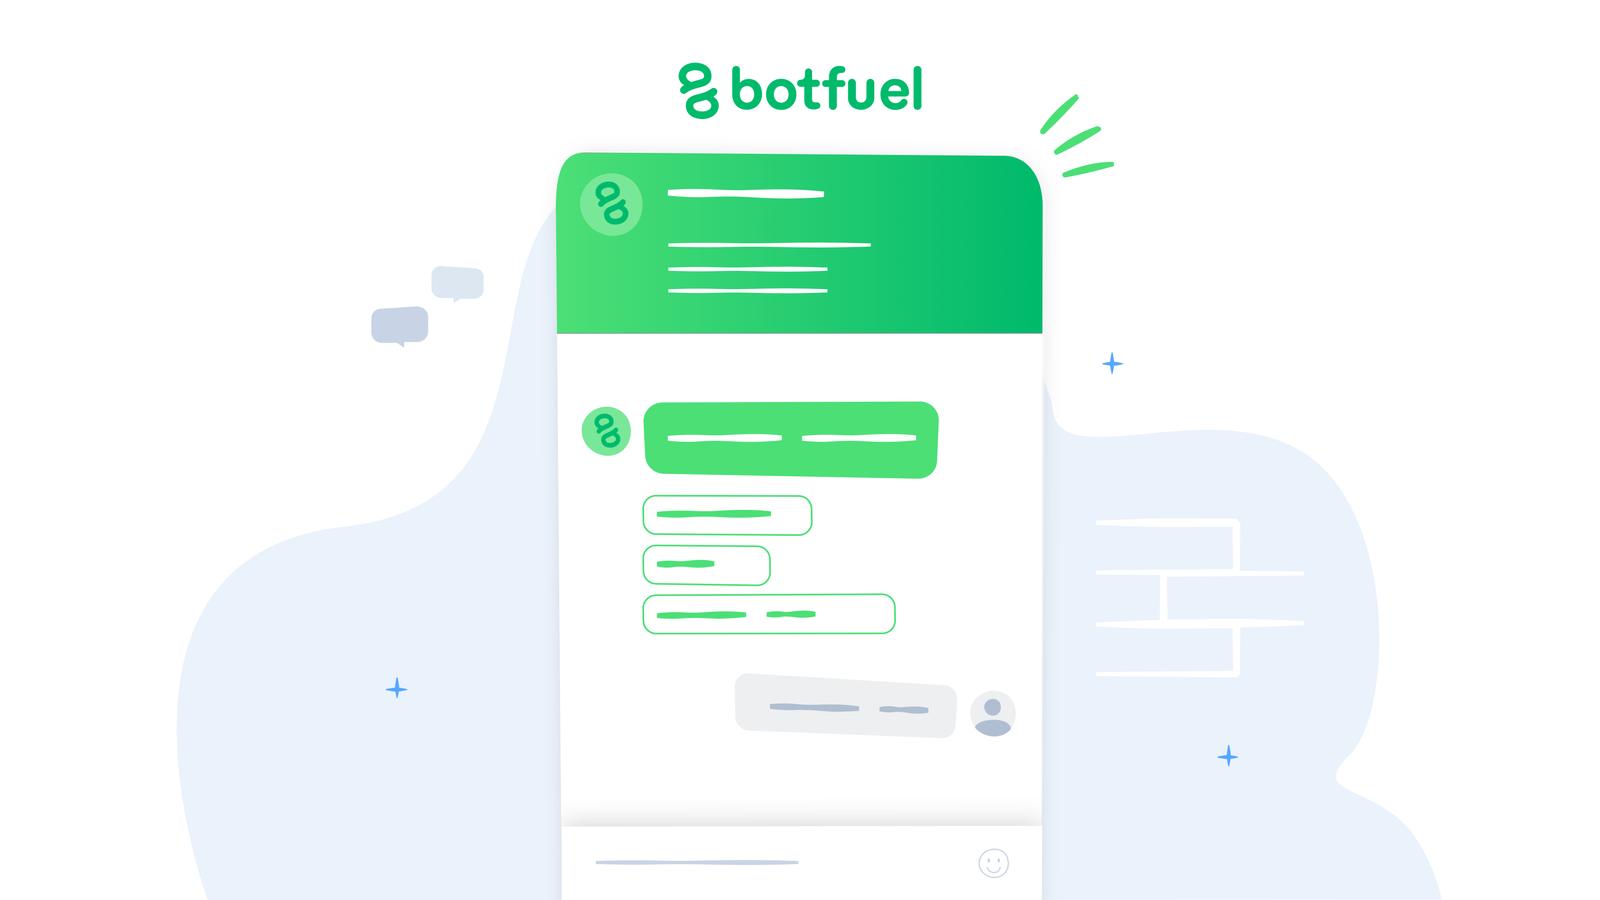 Einführung eines Conversational-Bots mit der neuen Botfuel-App